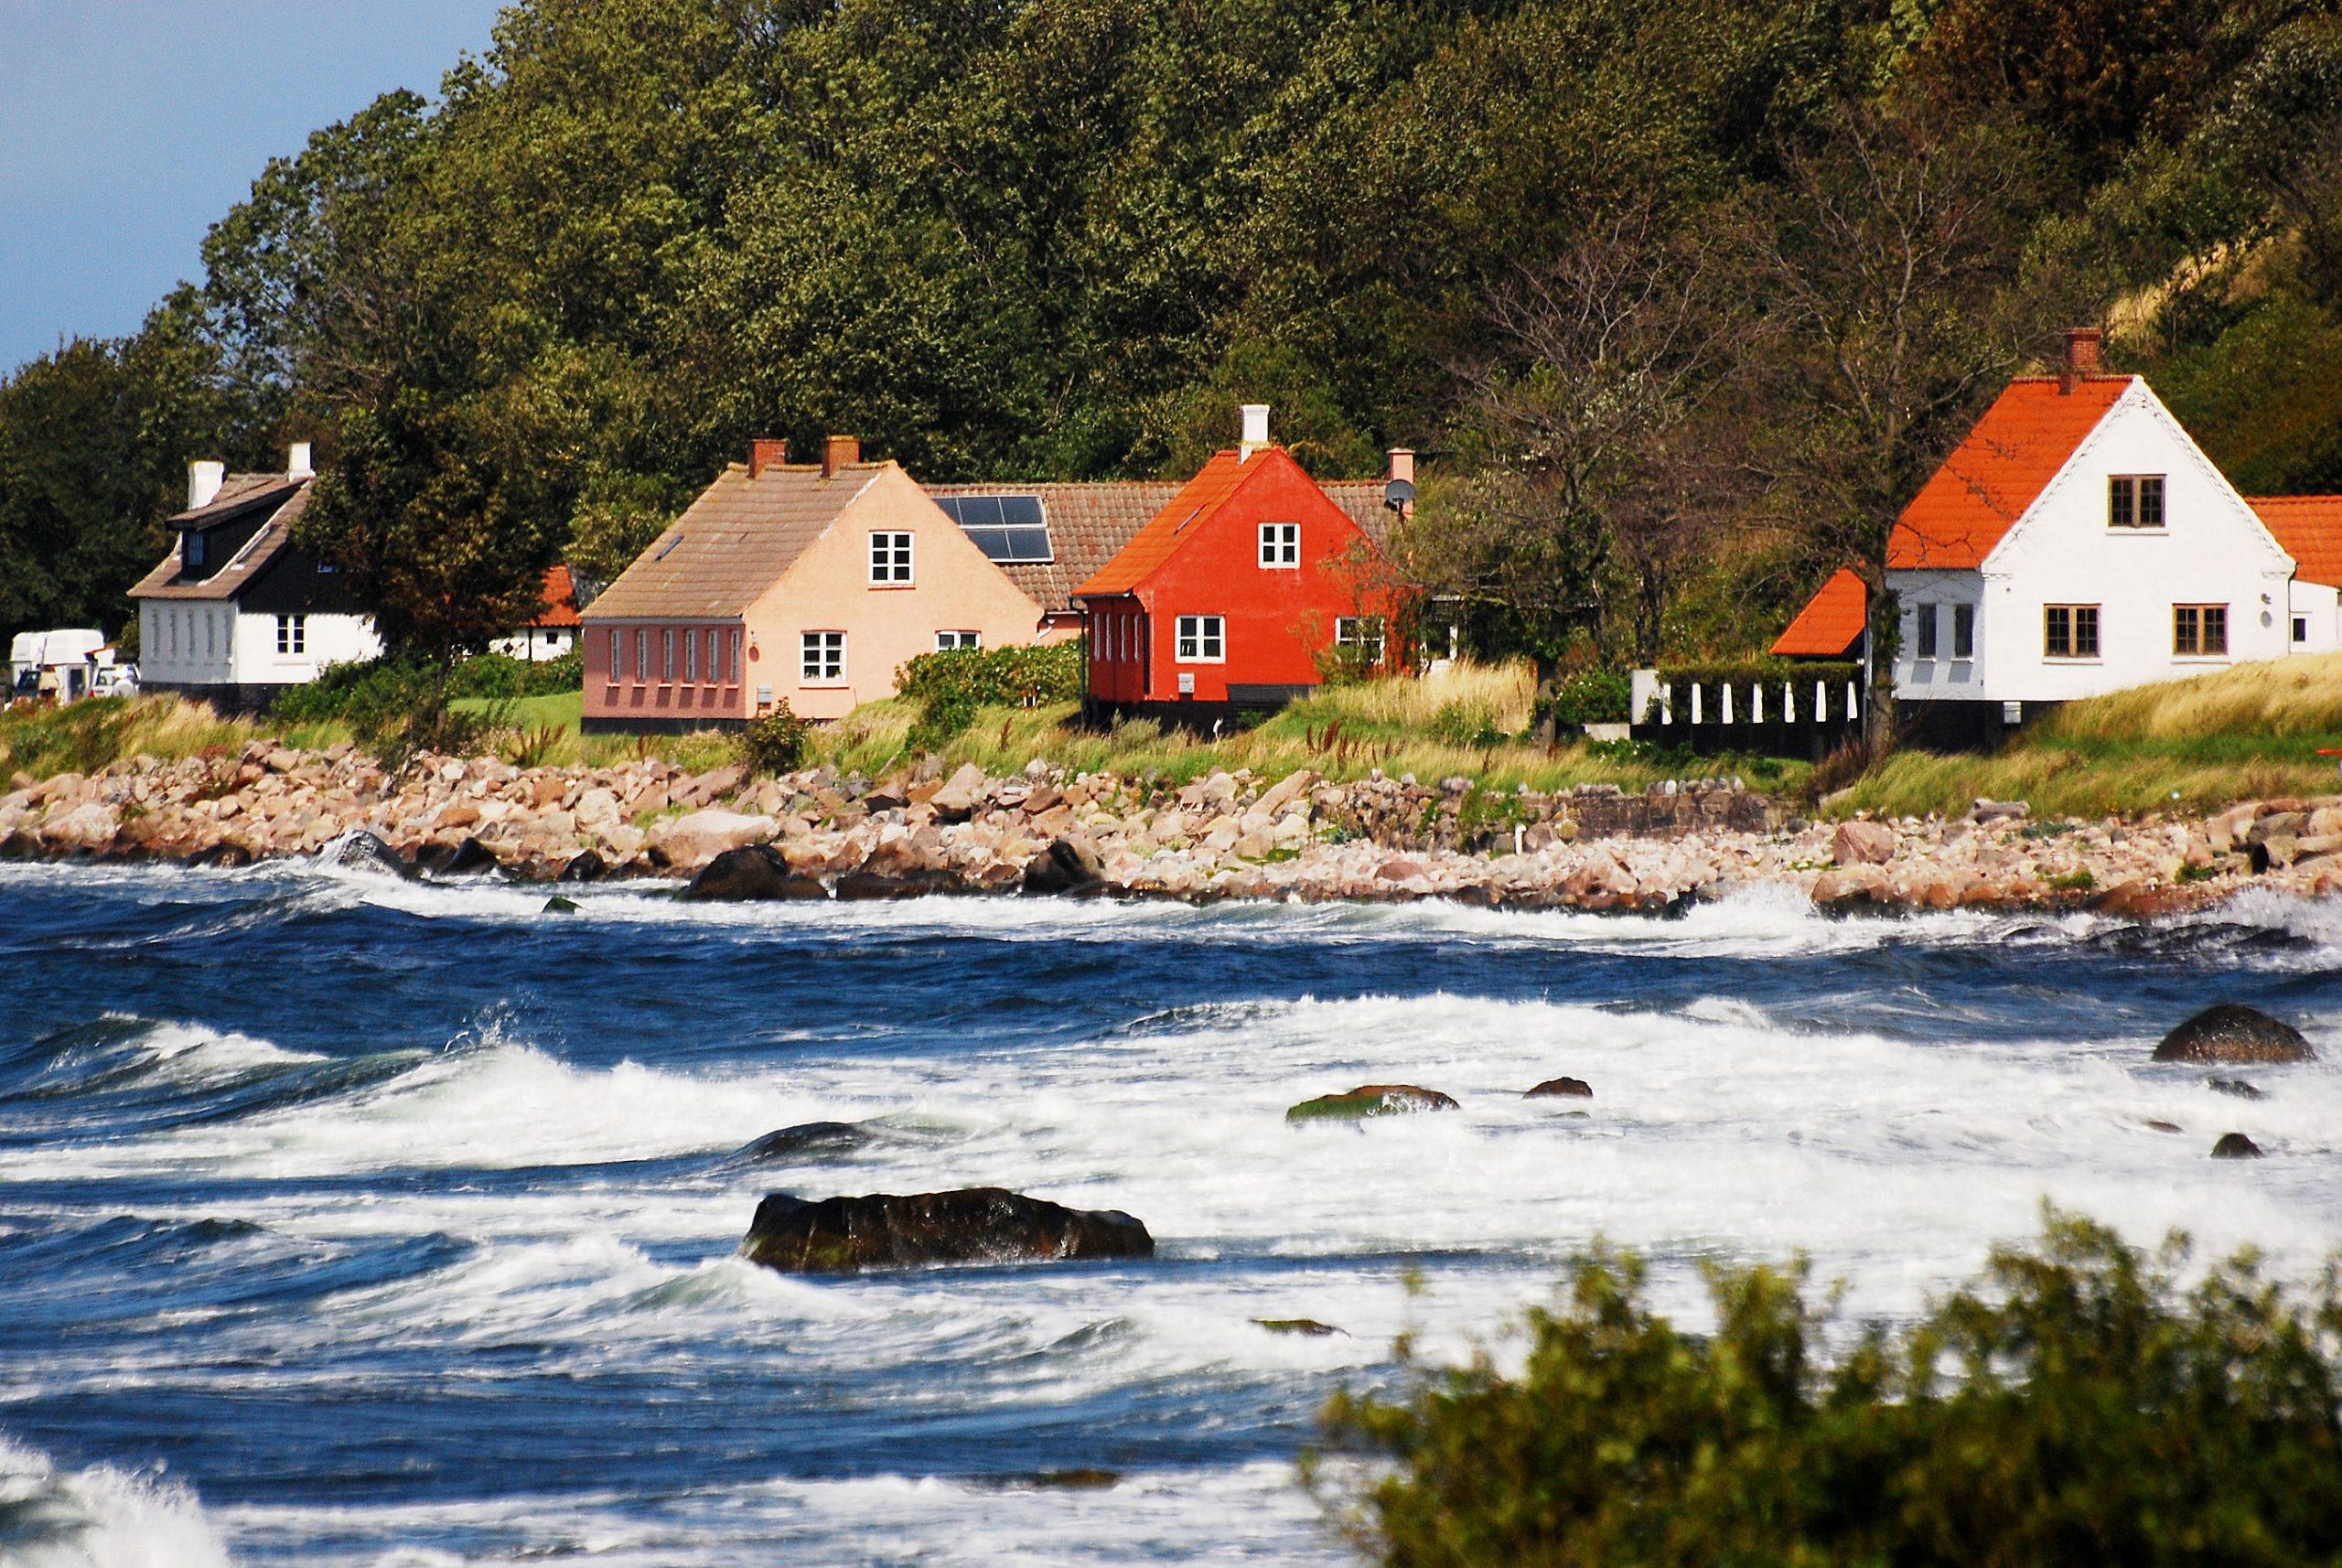 Denmark's Sunshine Island